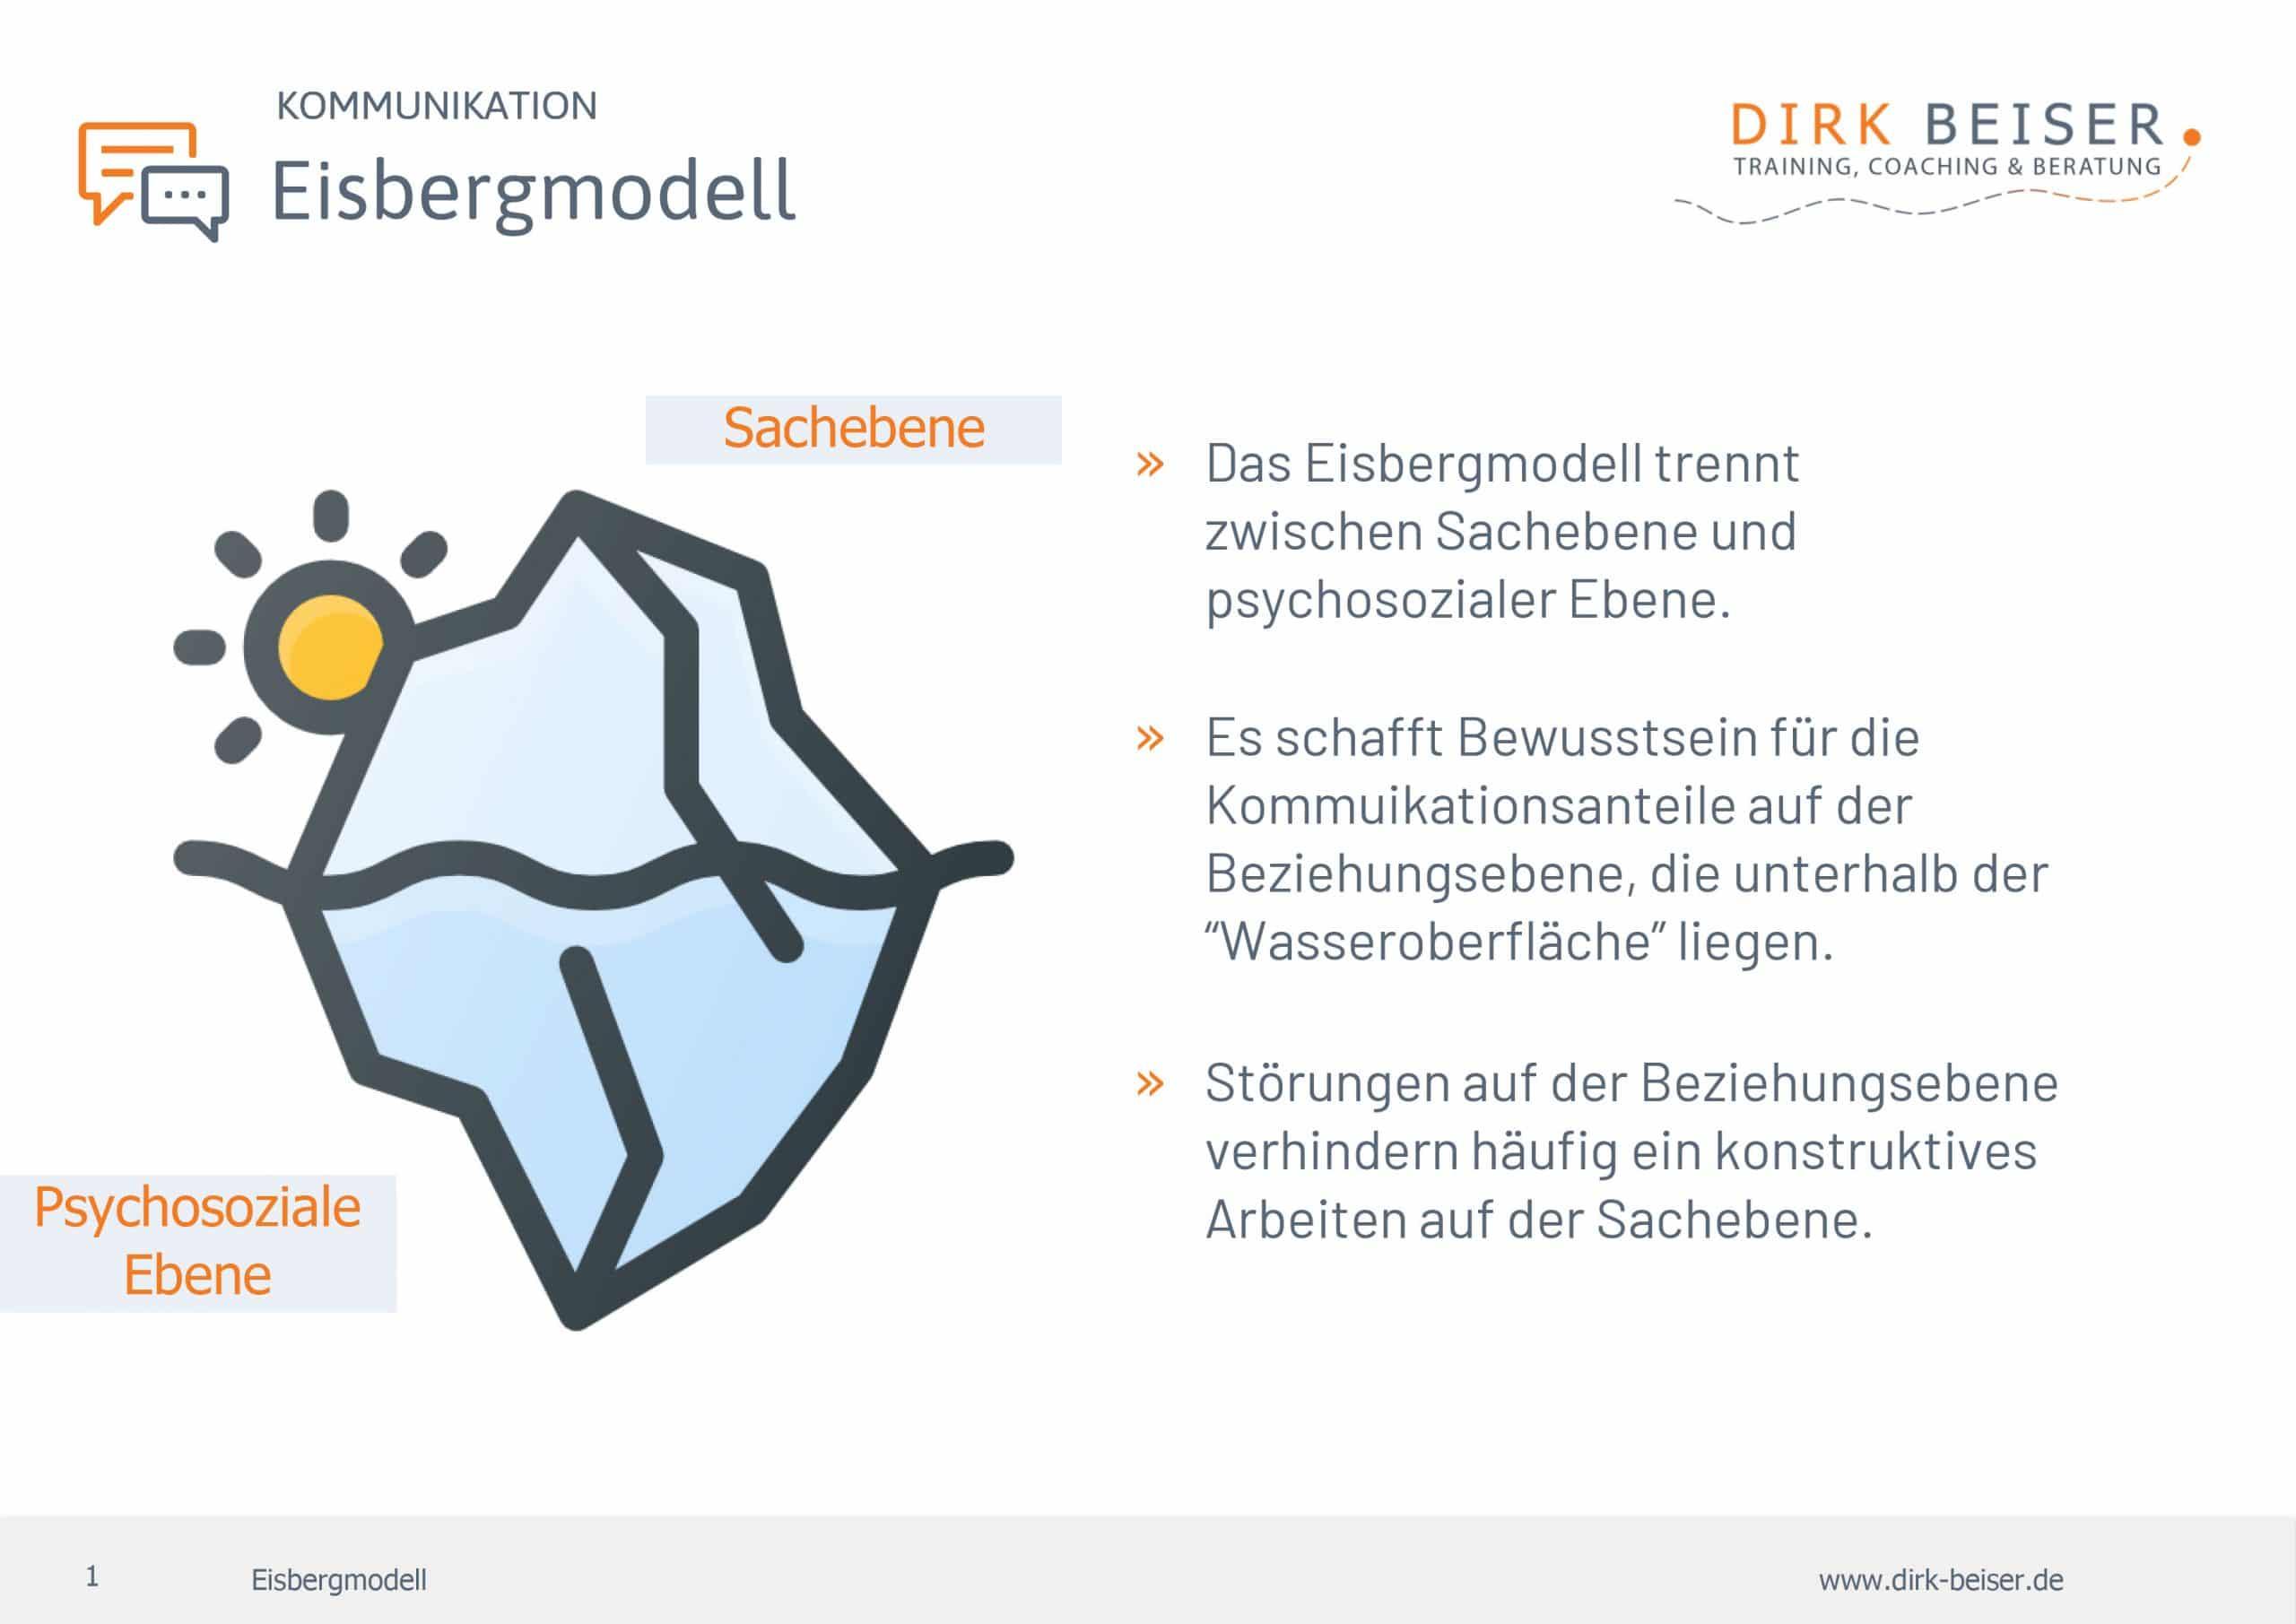 Kommunikation Und Das Eisbergmodell